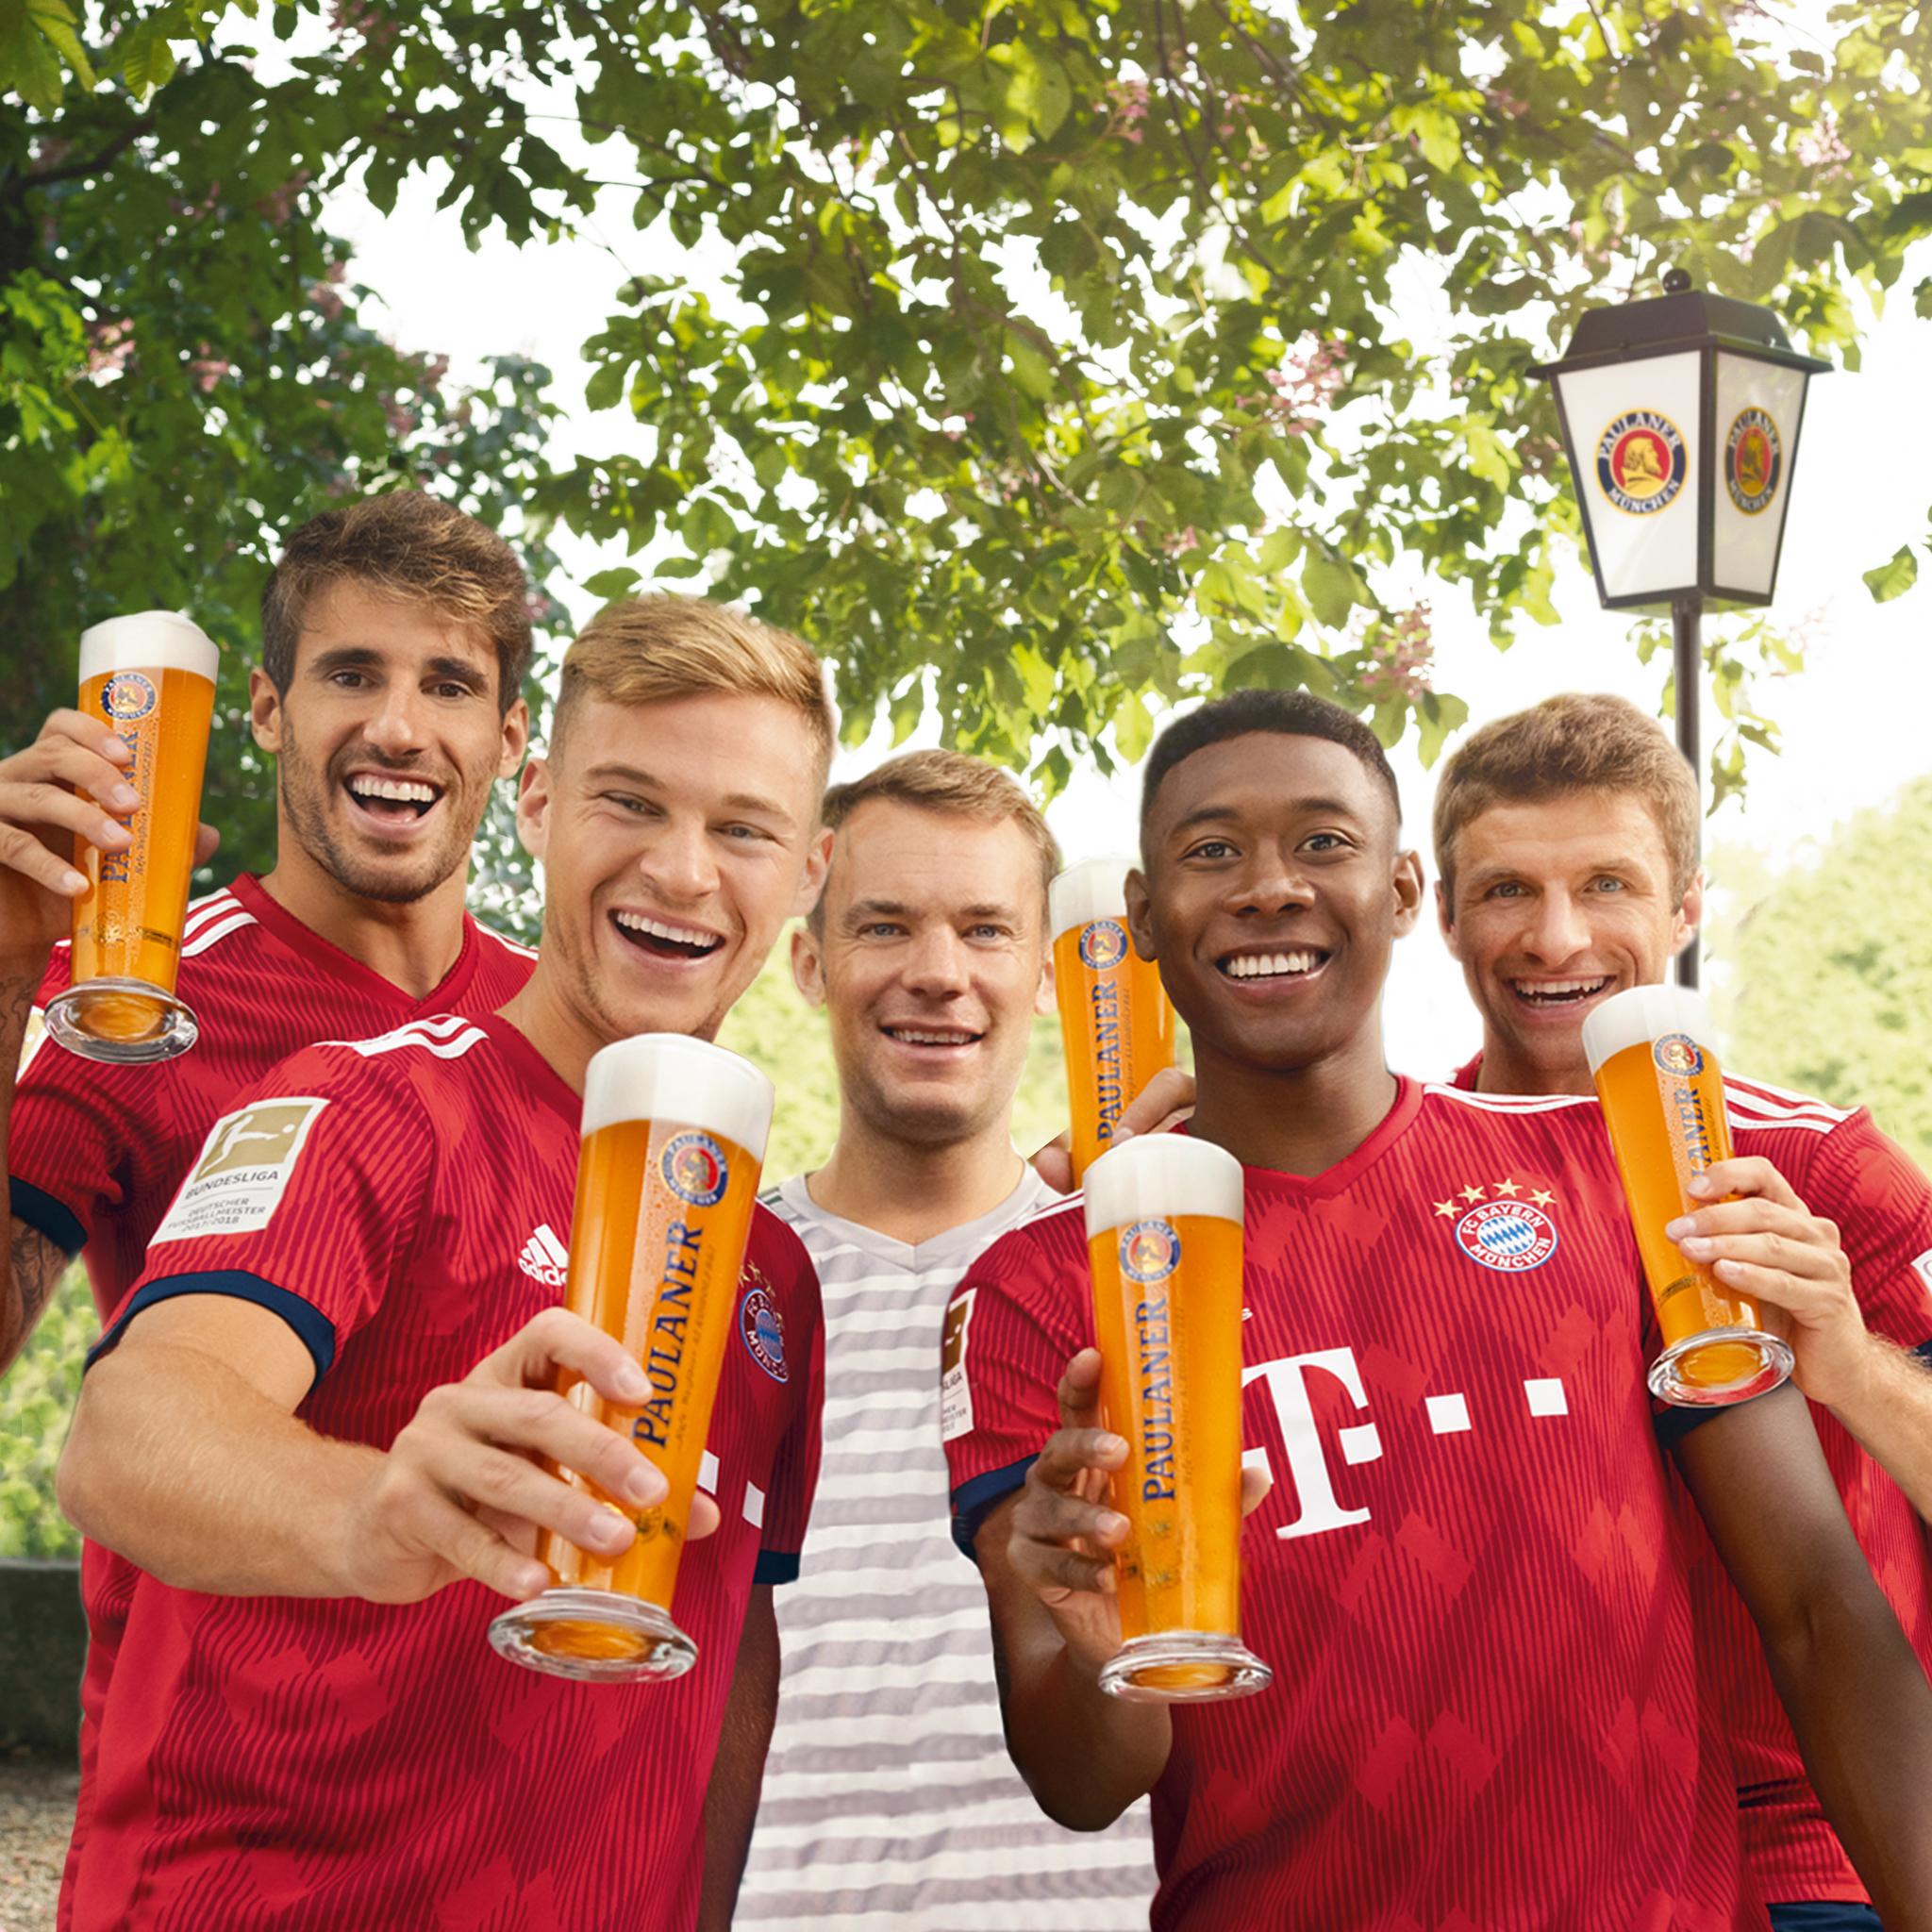 FC Bayern München | Paulaner Brauerei München